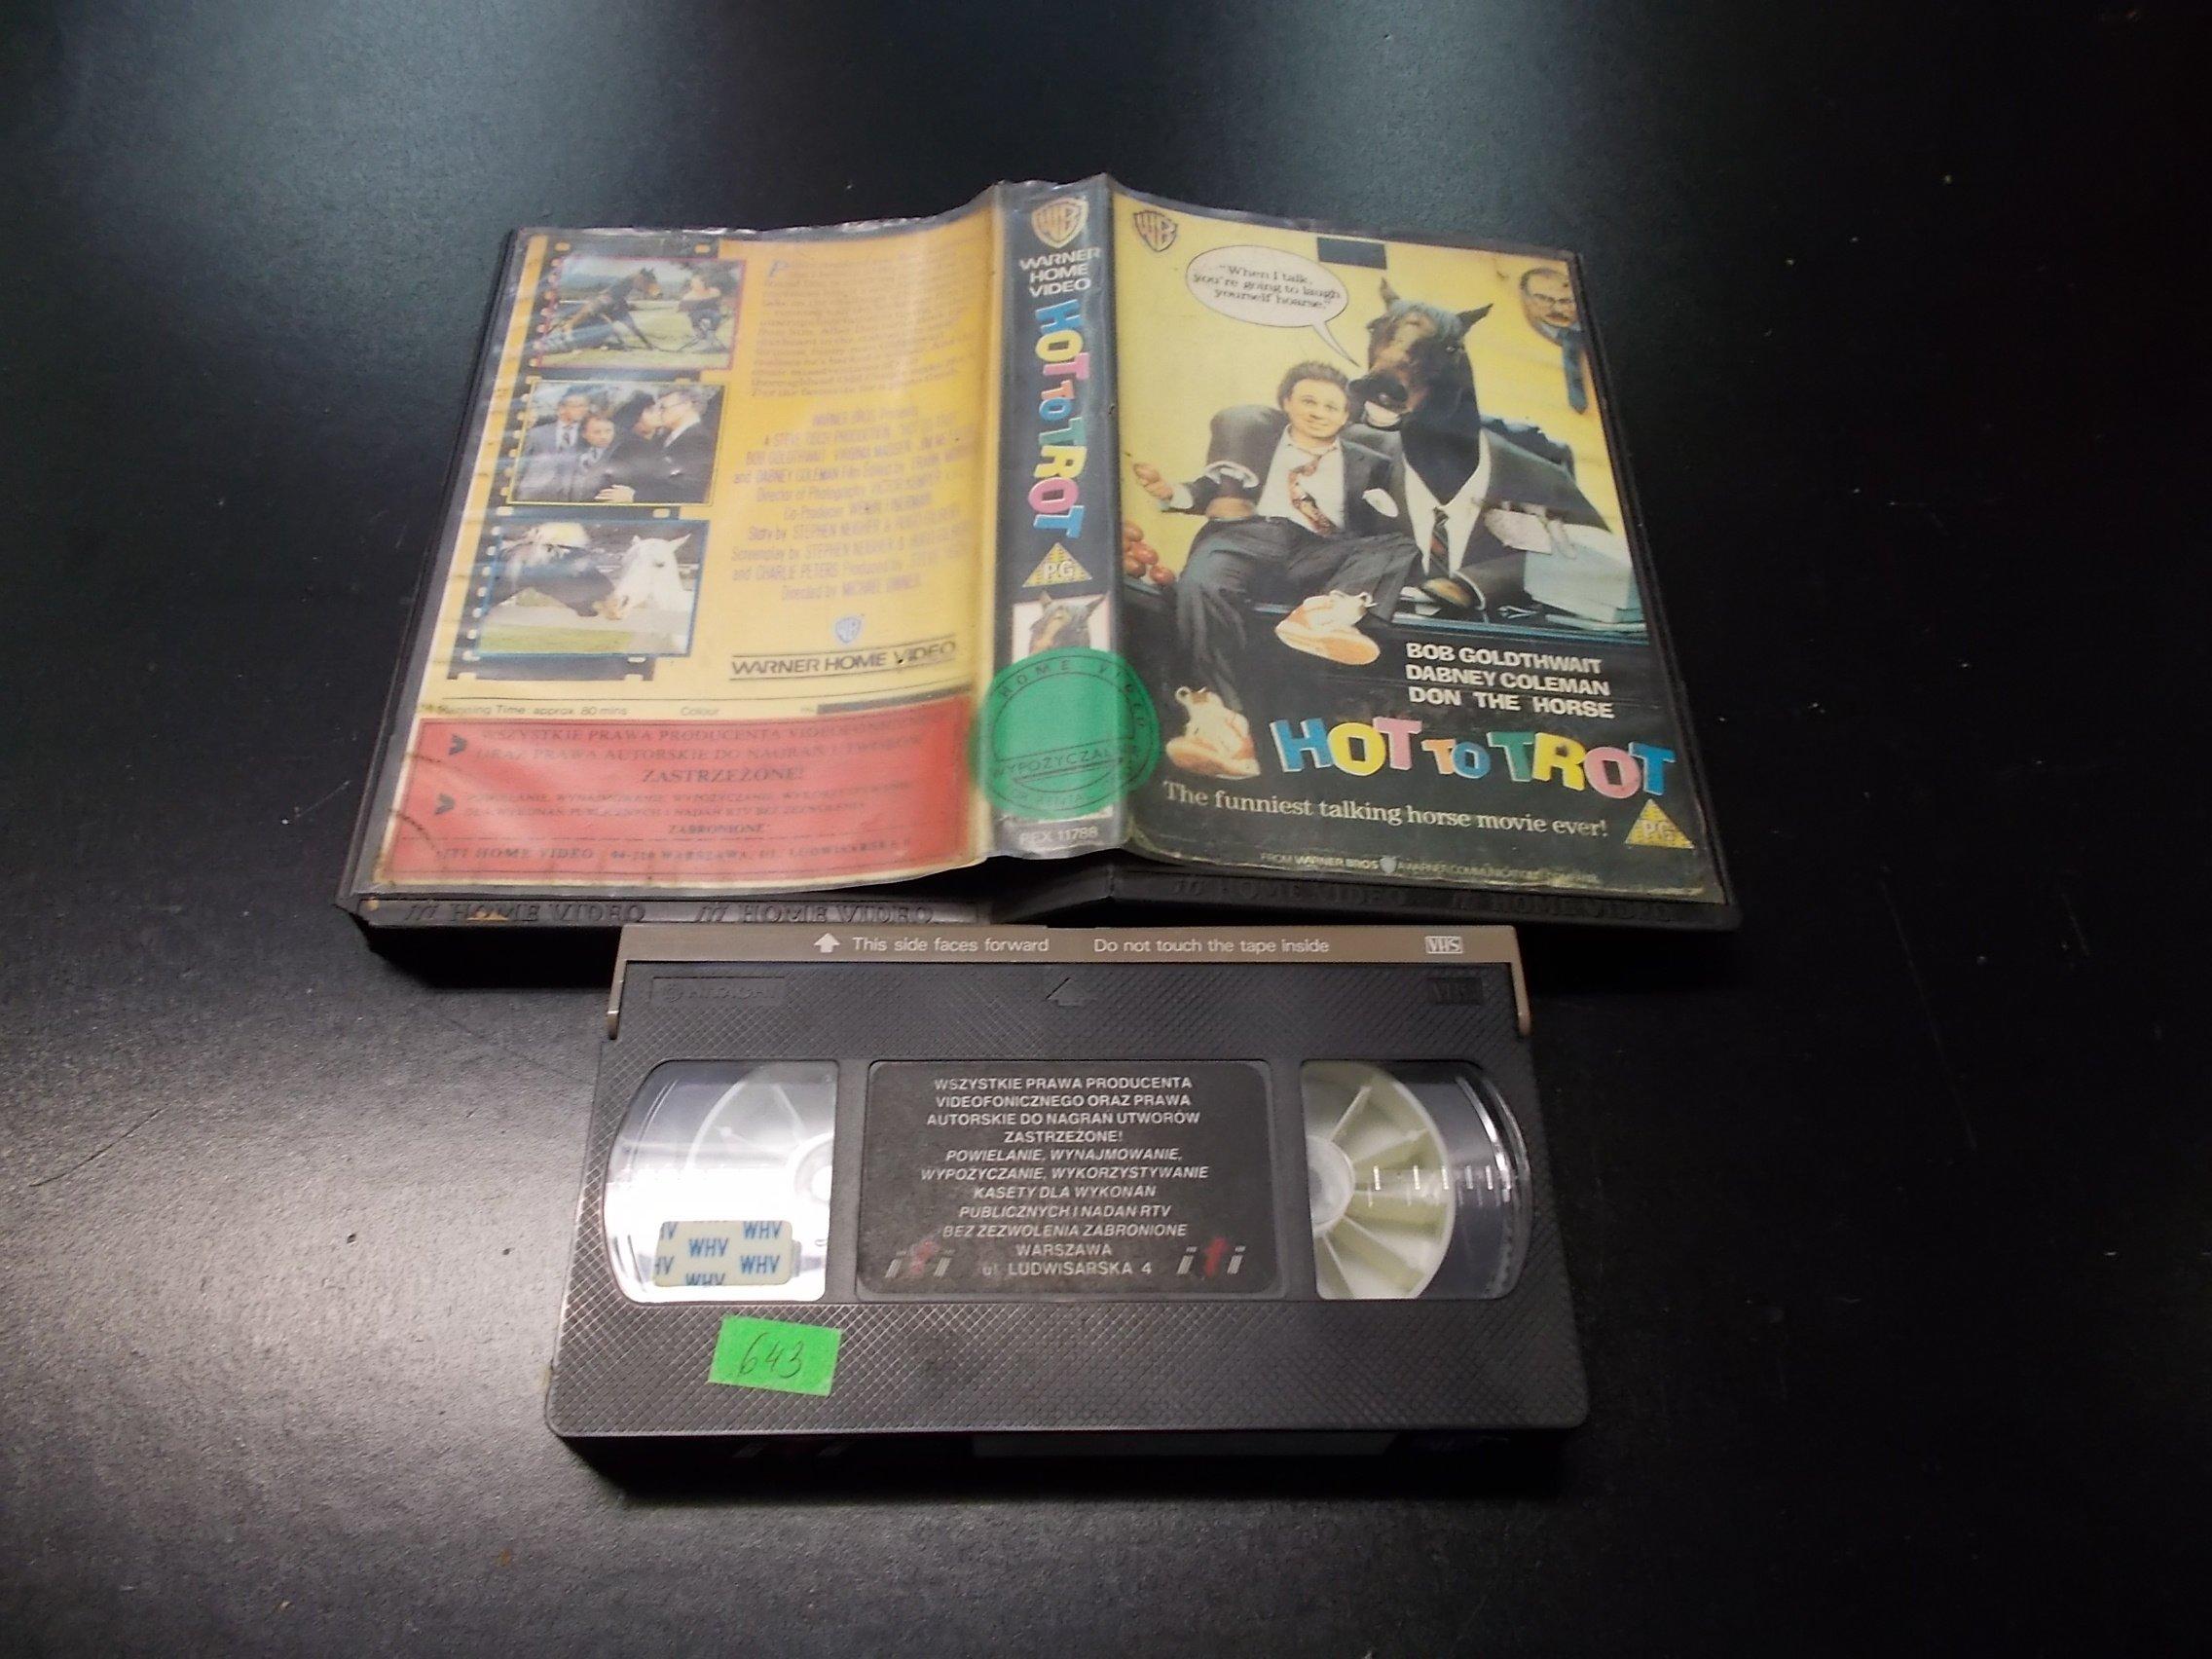 MĄDRZEJSZY OD JEŹDŻCA -  kaseta VHS - 1297 Opole - AlleOpole.pl